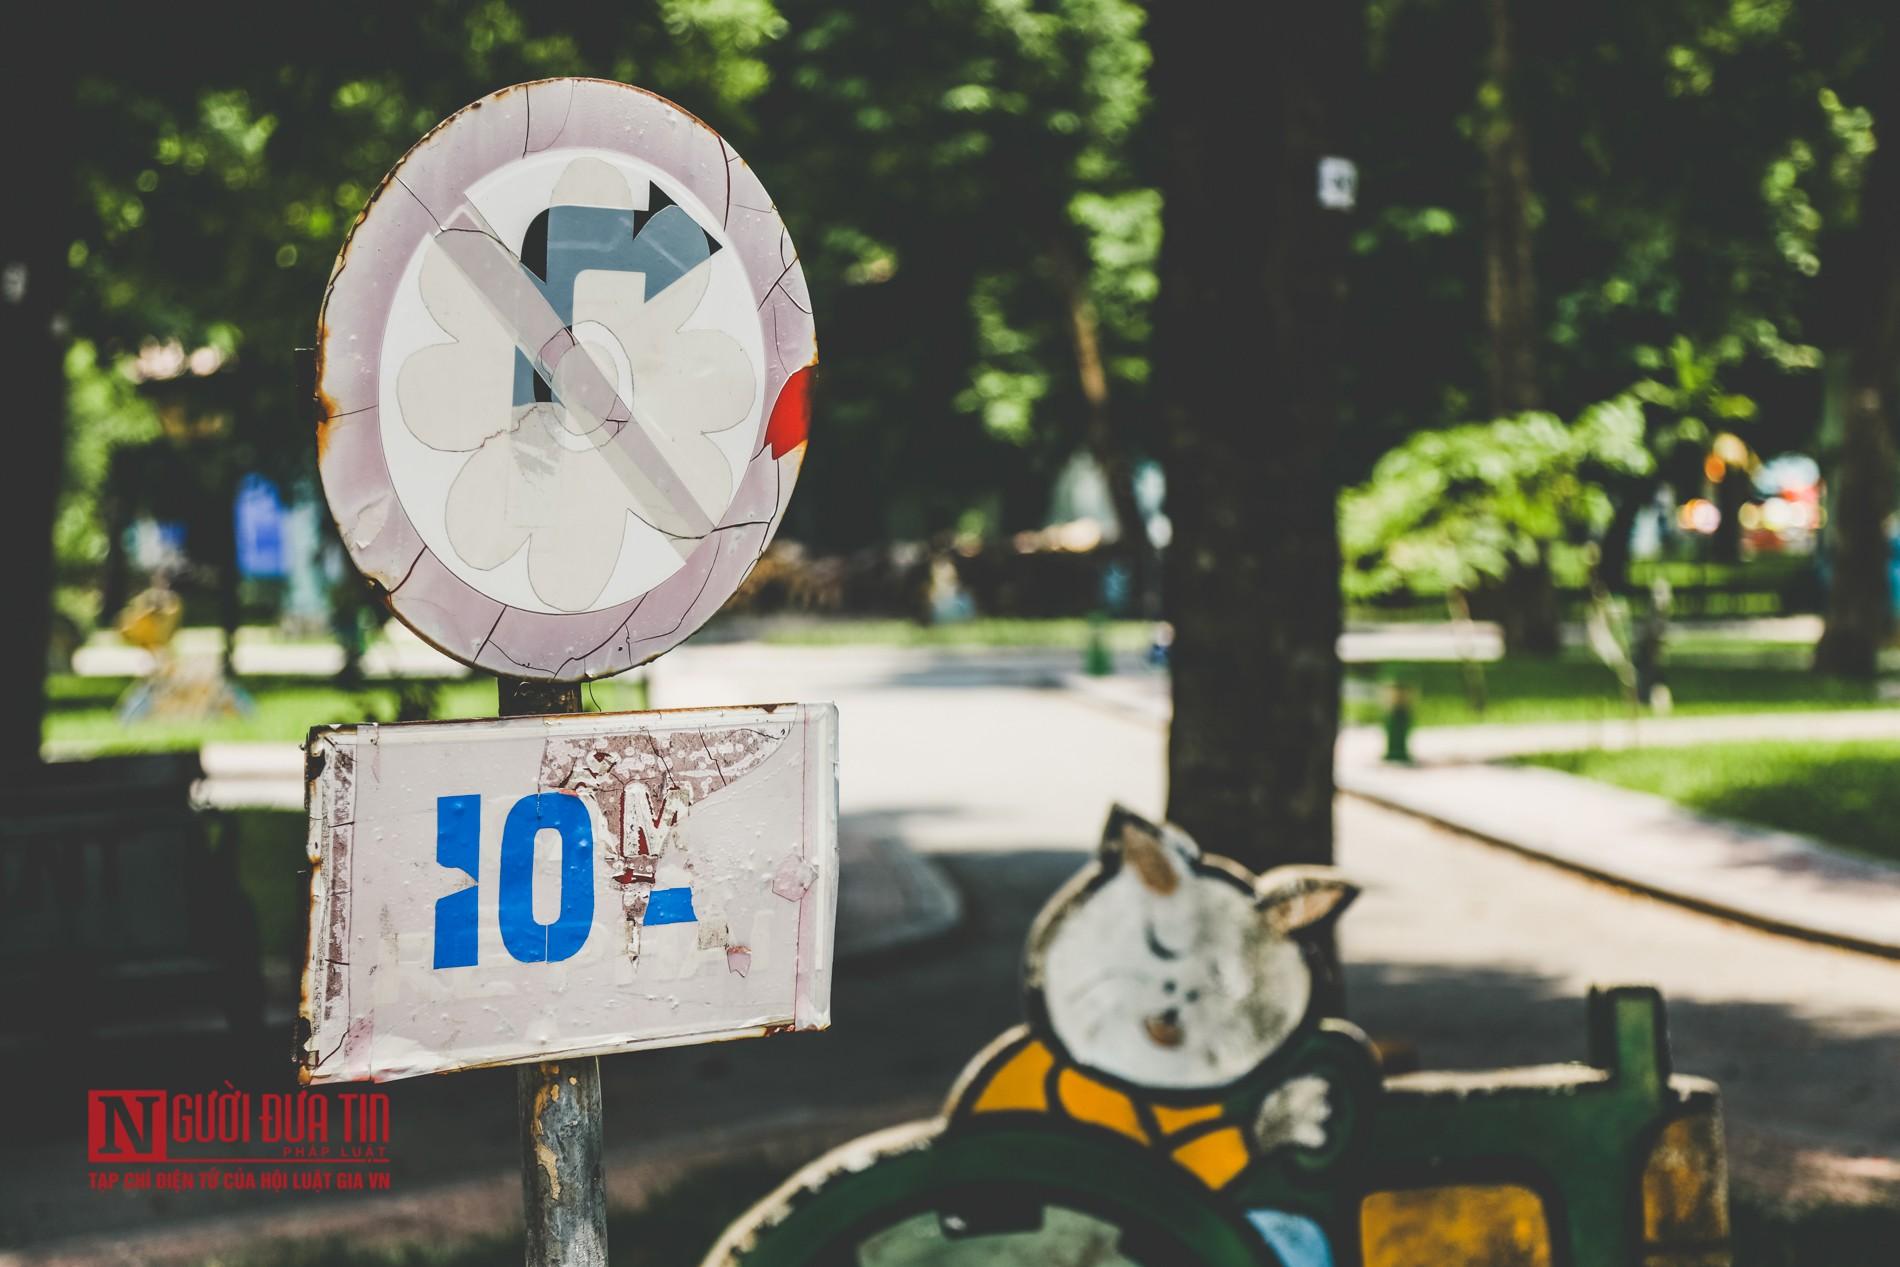 Hà Nội: Xót xa những hạng mục vui chơi cho trẻ xuống cấp, hư hỏng tại công viên Thống Nhất-10